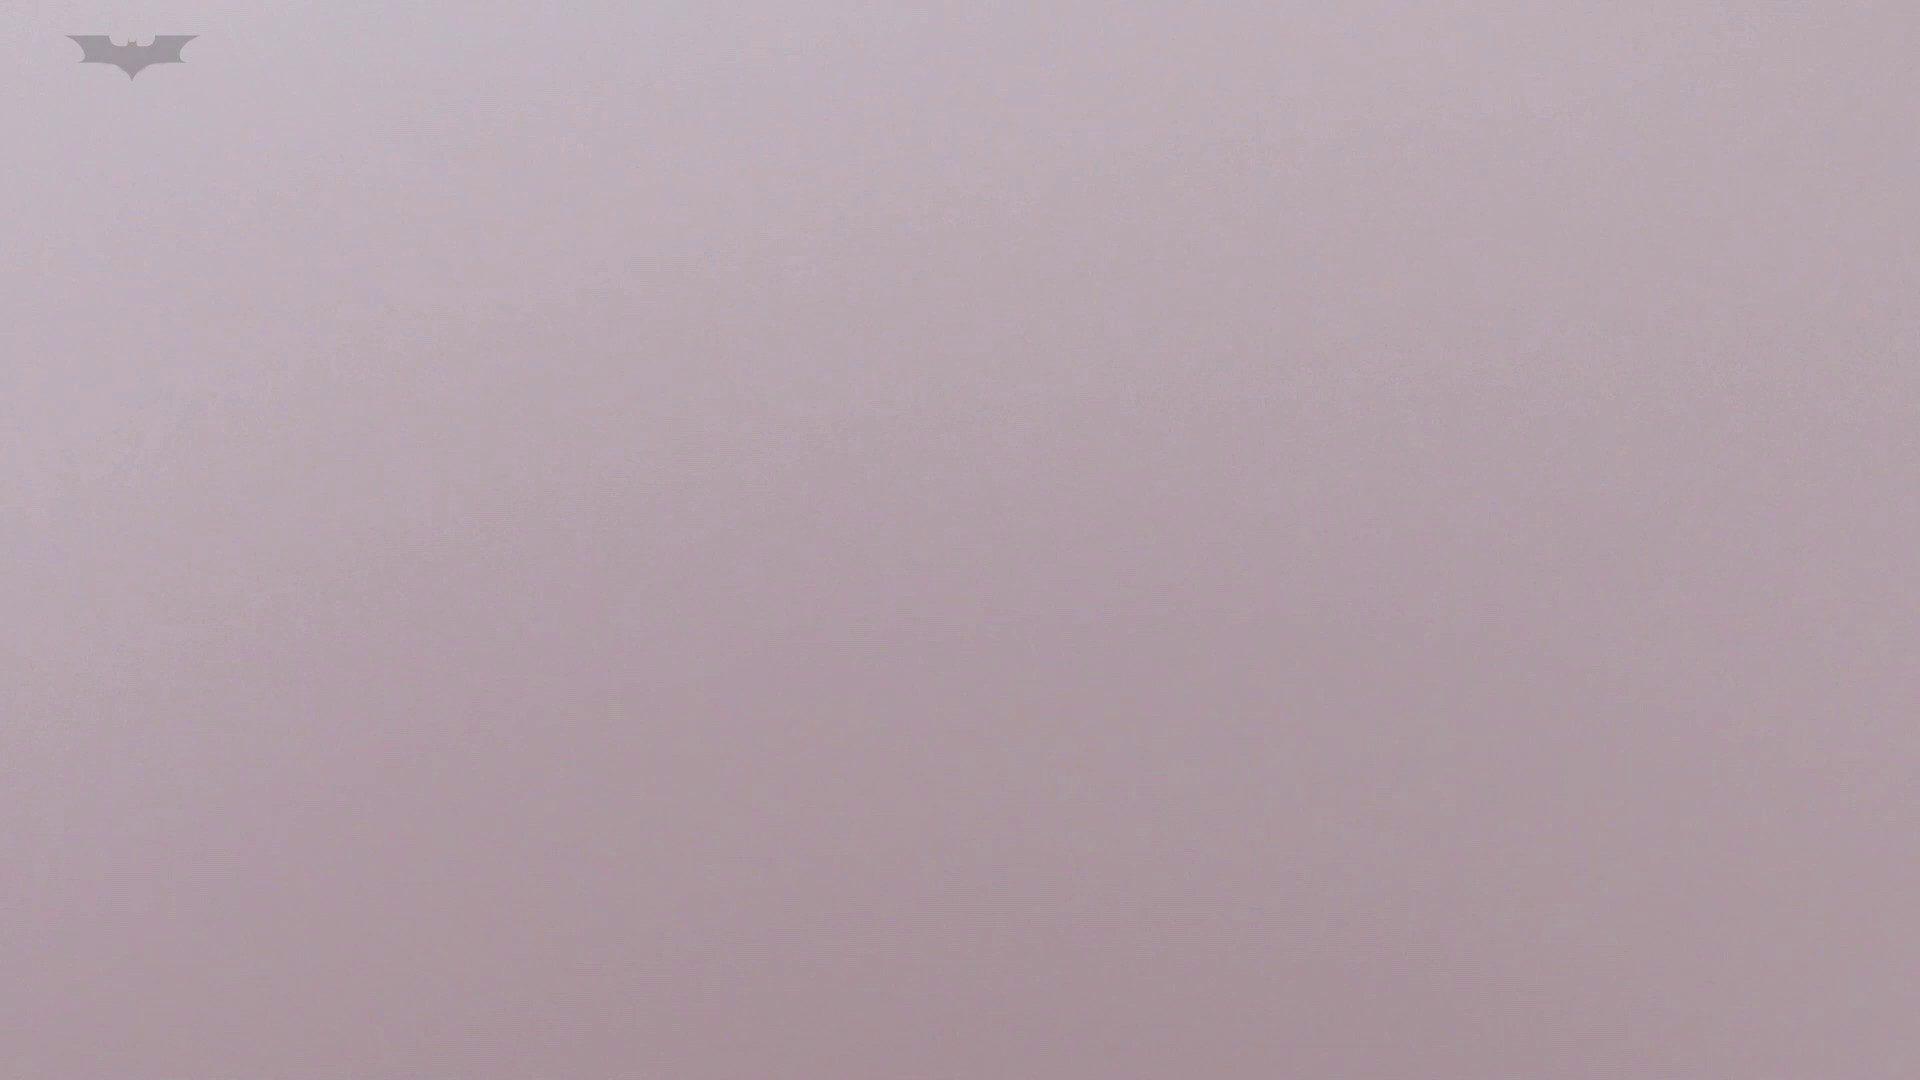 お銀 vol.79 化粧室では、高確率で素の女性がみられます!! OL | 美人コレクション  88連発 2